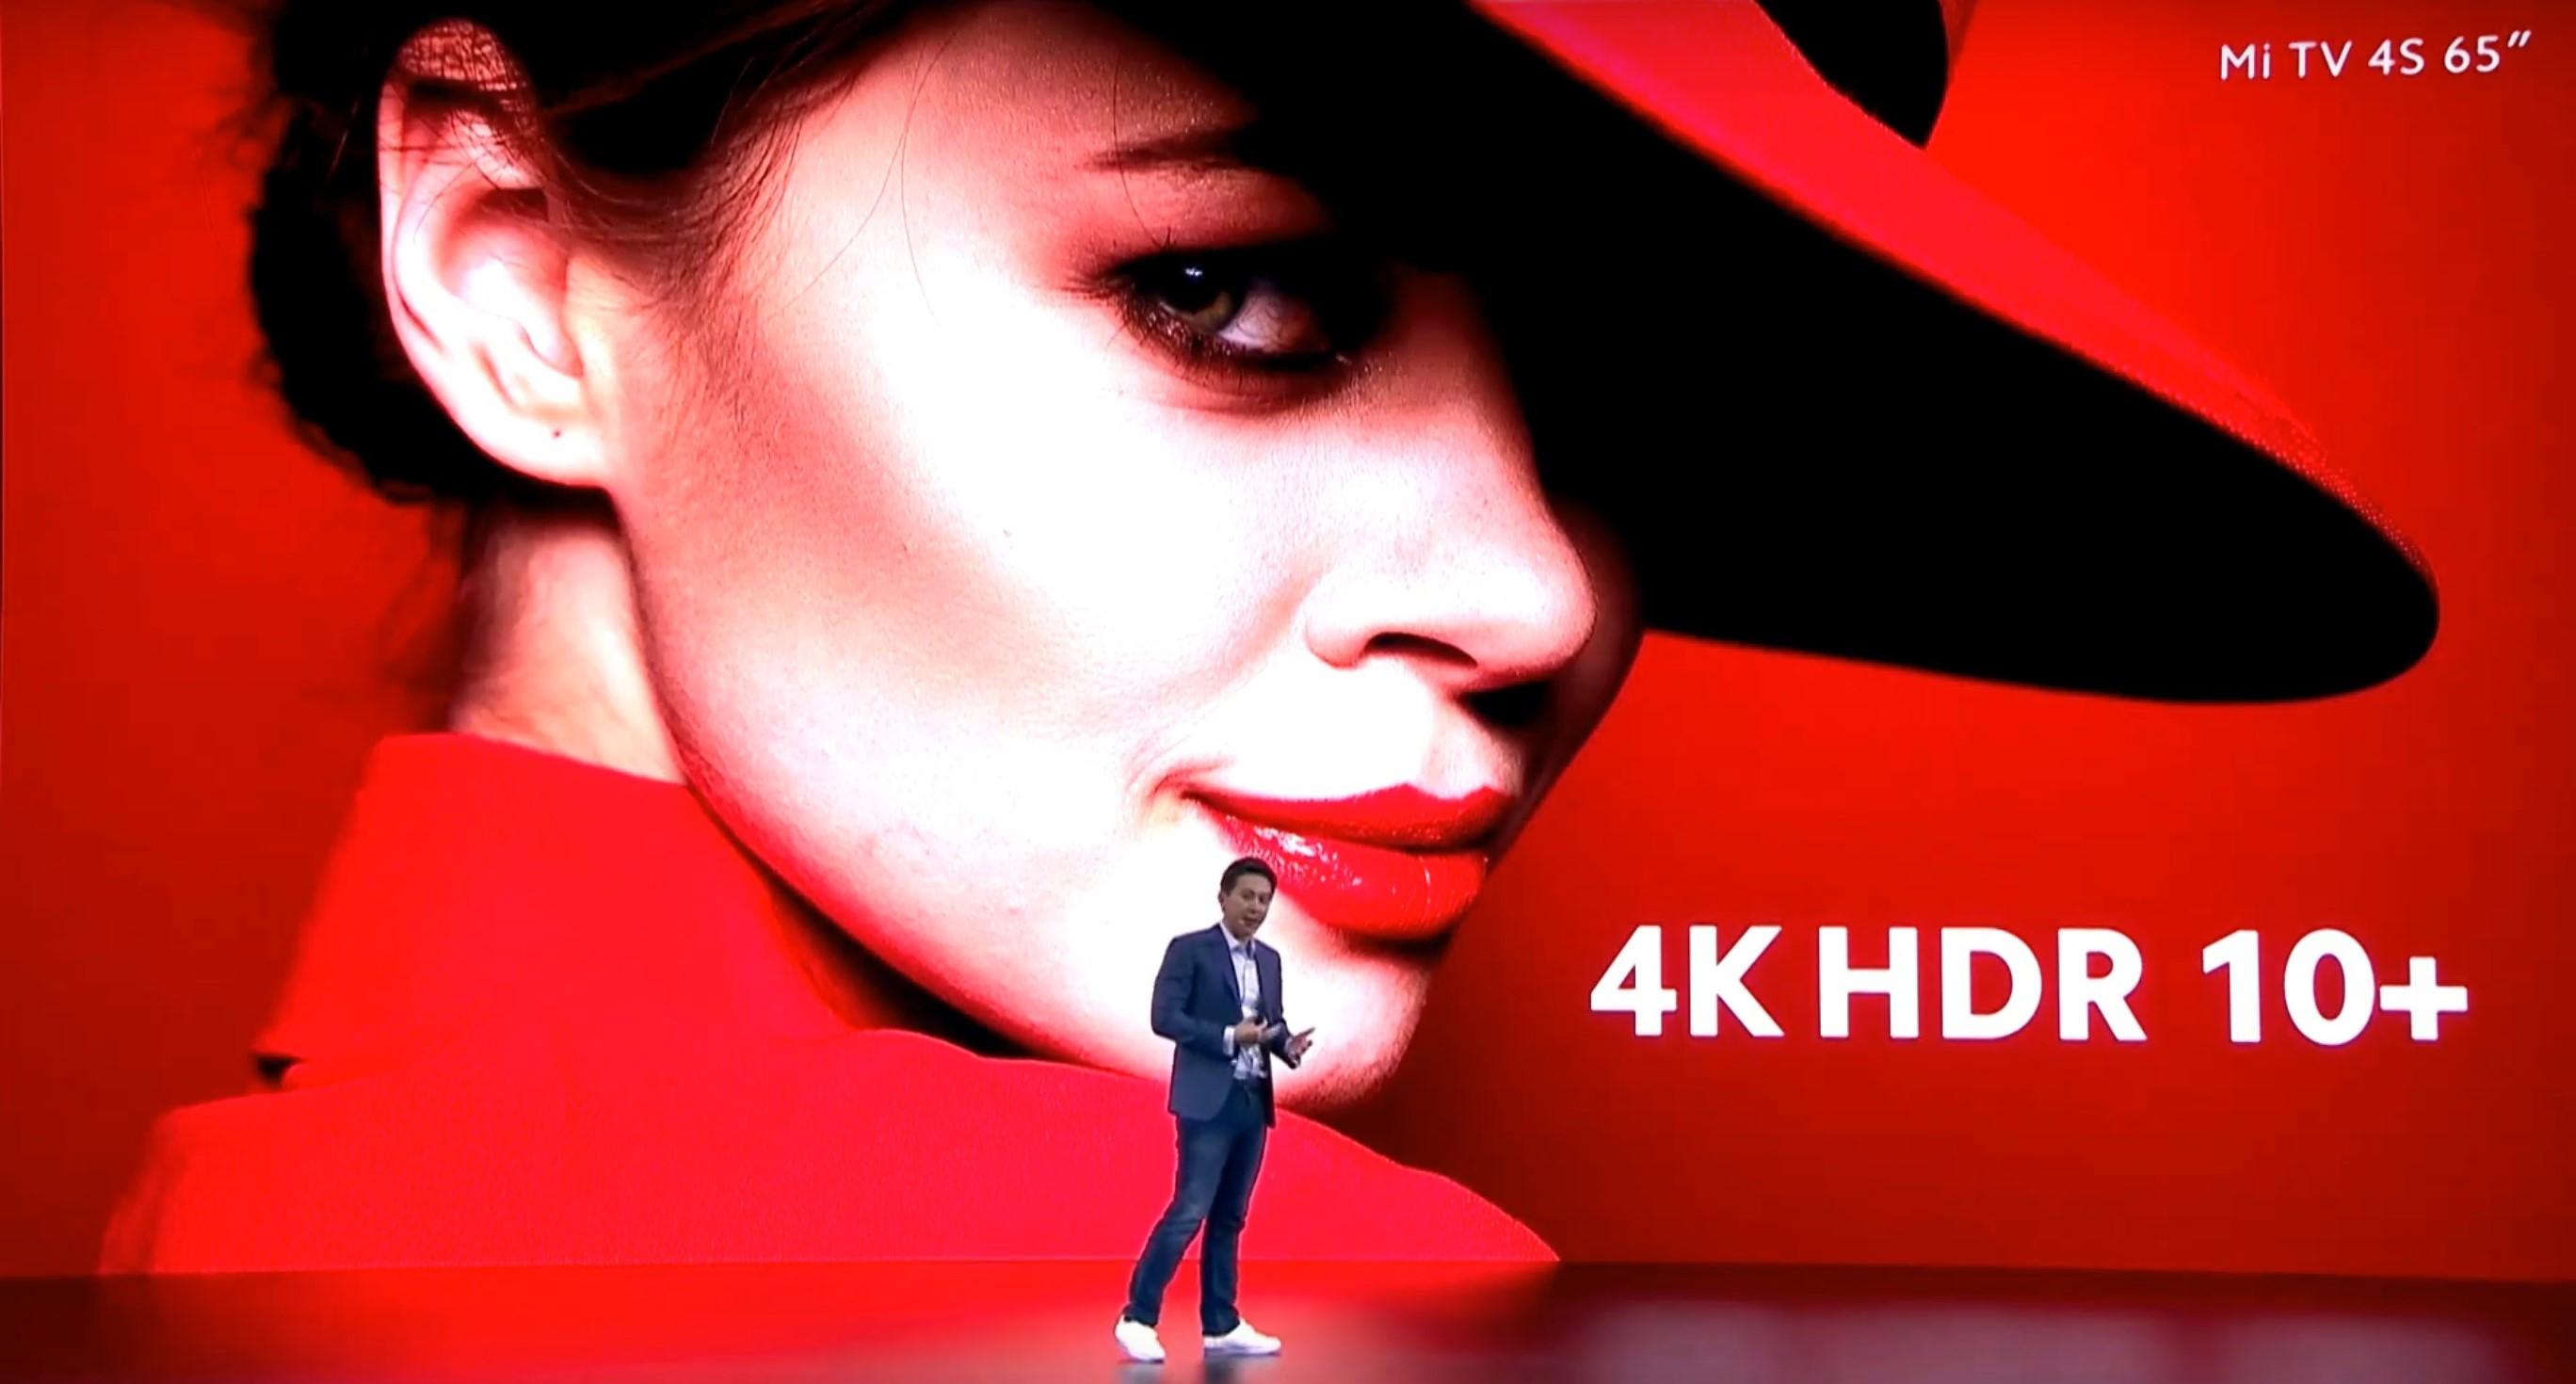 """Nowy, wielki ekran i oczyszczacz powietrza wprost od Xiaomi - Mi TV 4S 65"""" i Mi Air Purifer 3H 17"""